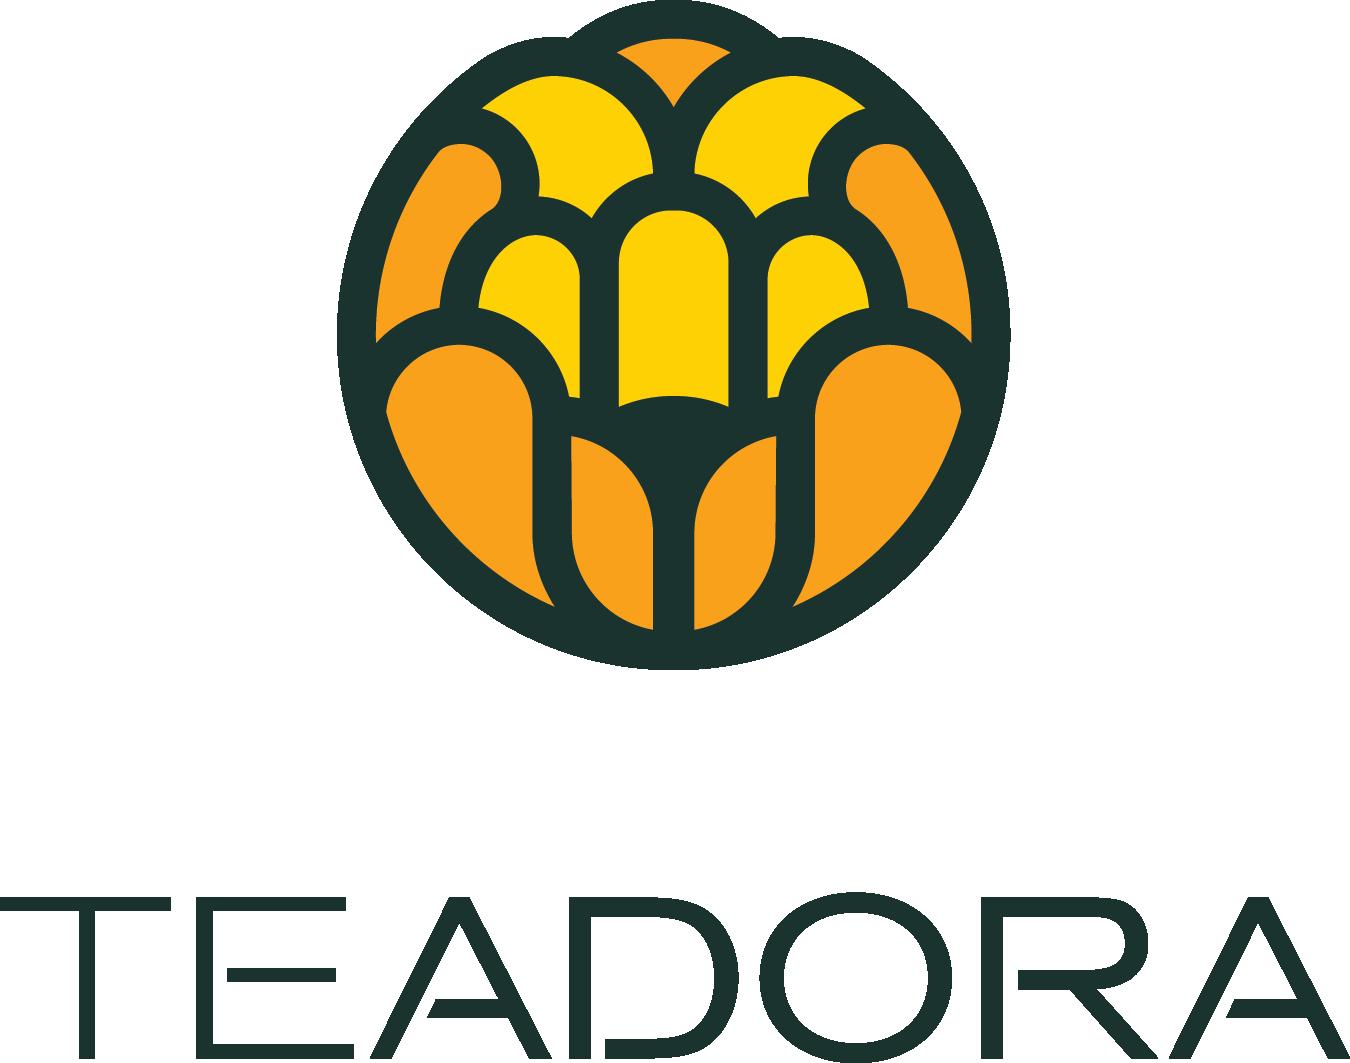 TEADORA's logo